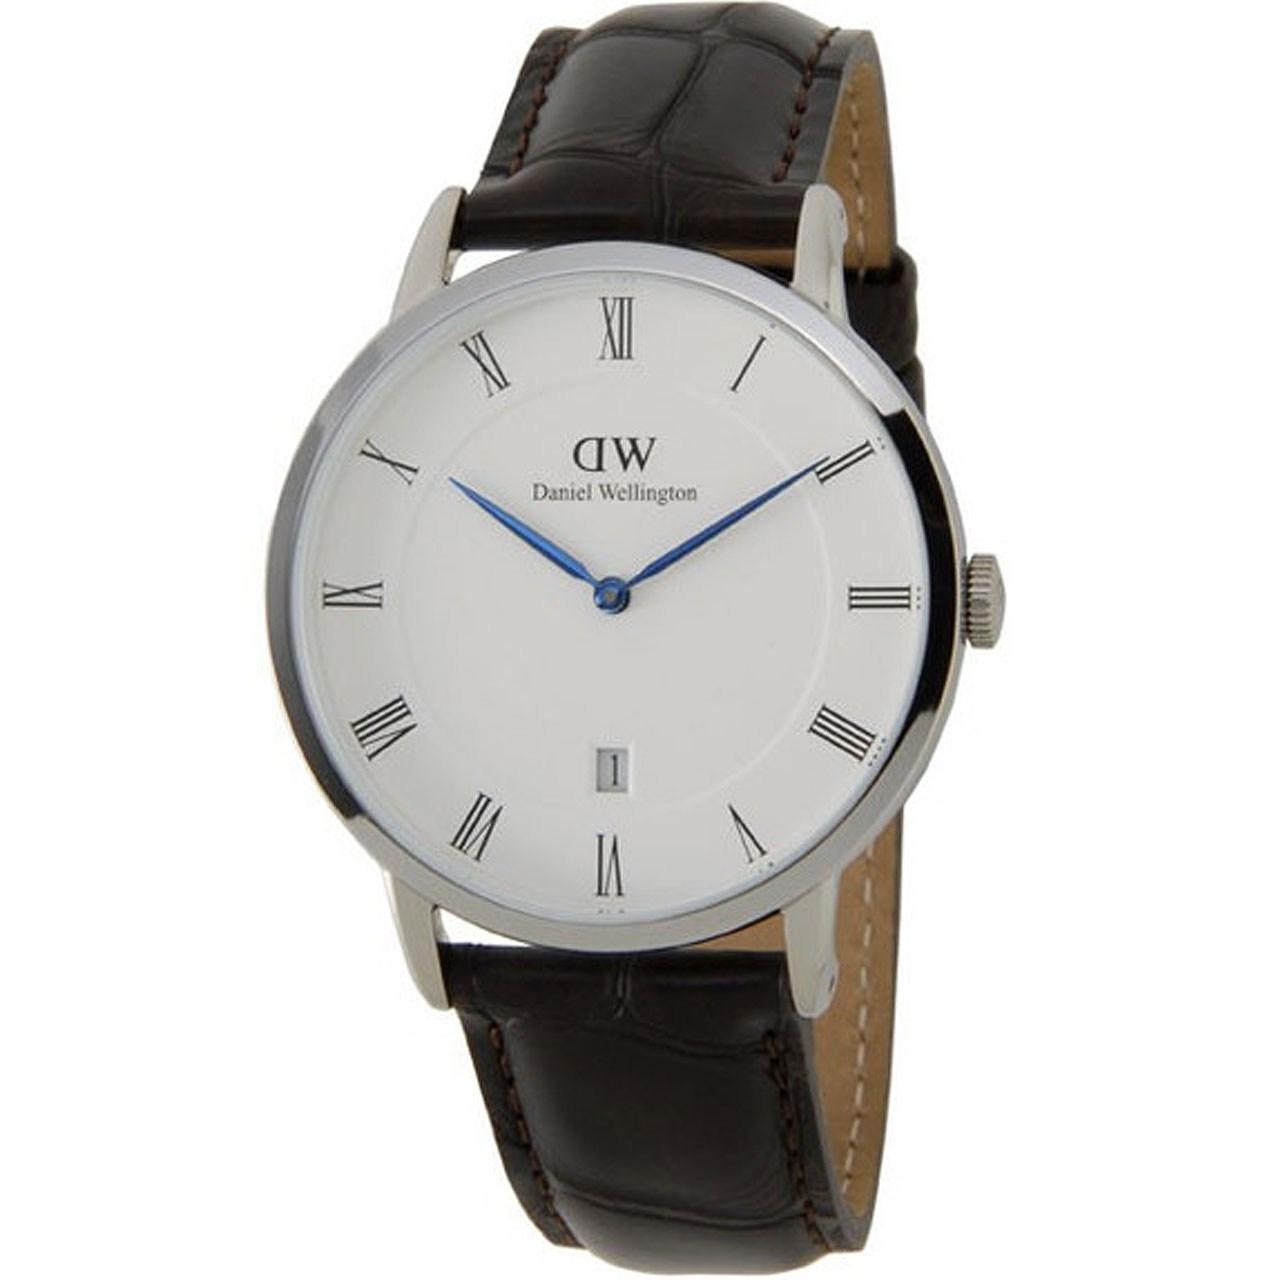 ساعت مچی عقربه ای مردانه دنیل ولینگتون مدل DW00100089